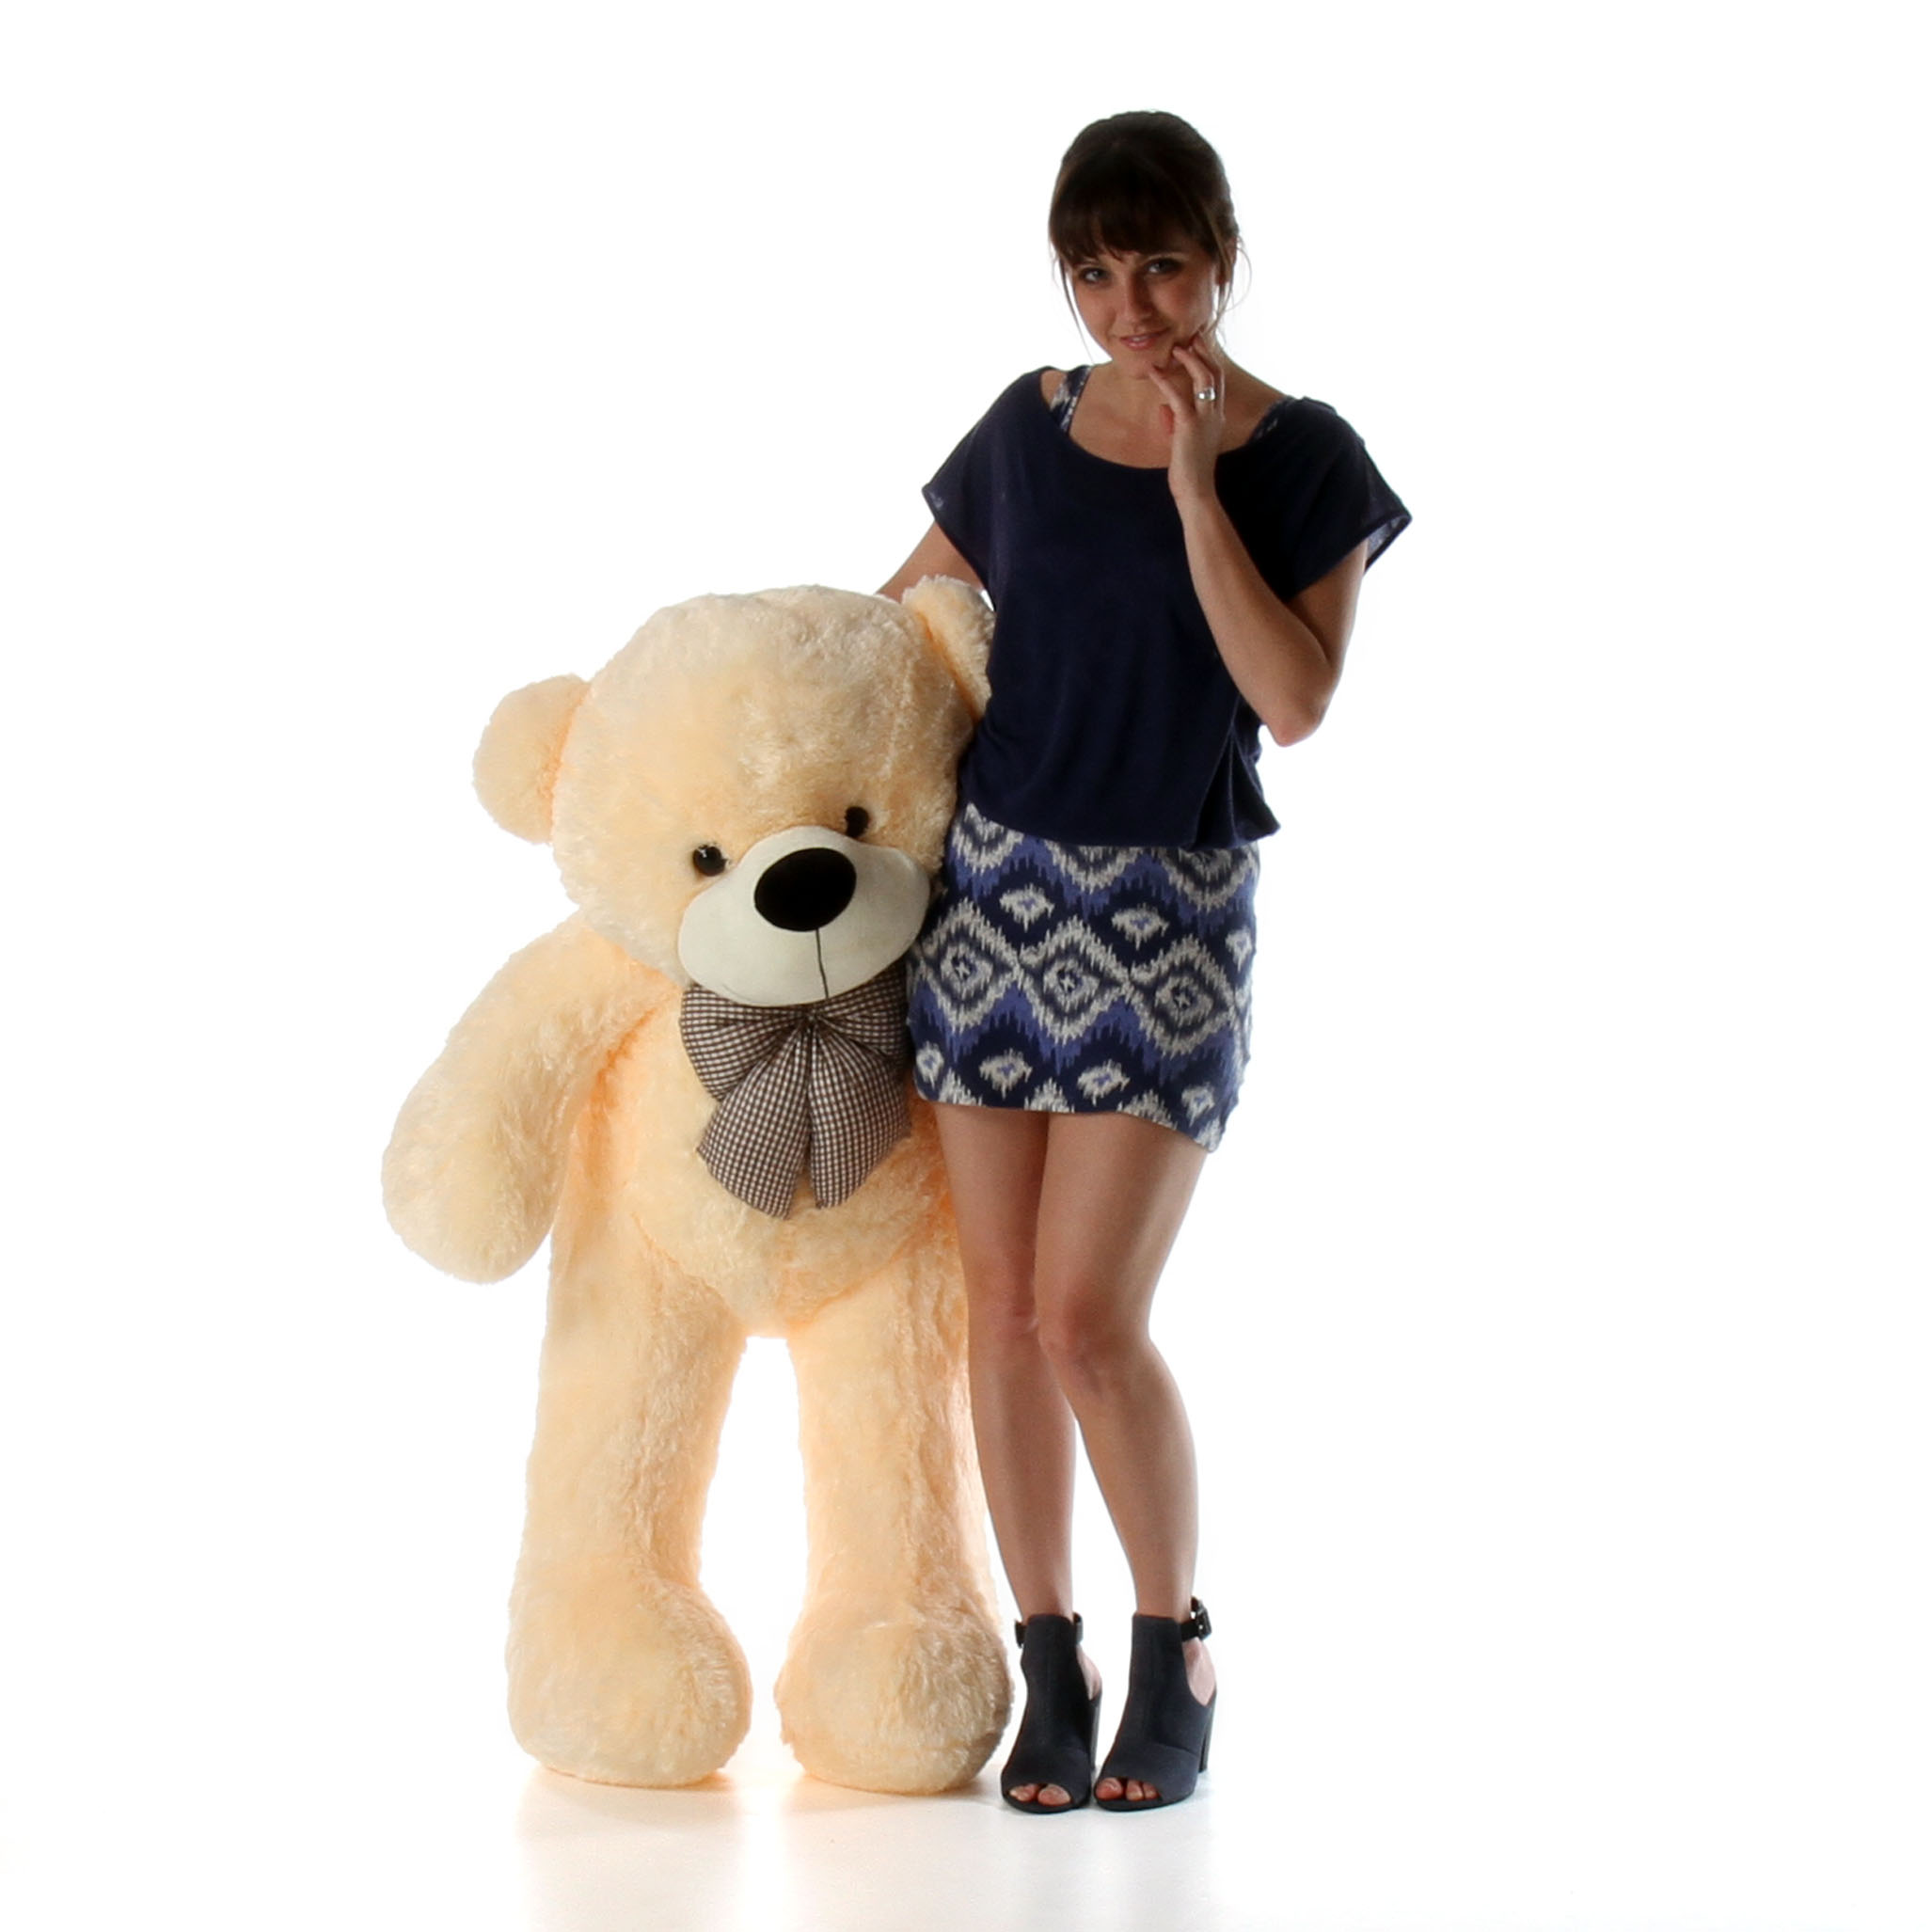 cozy-cuddles-is-a-life-size-teddy-bear-48in.jpg